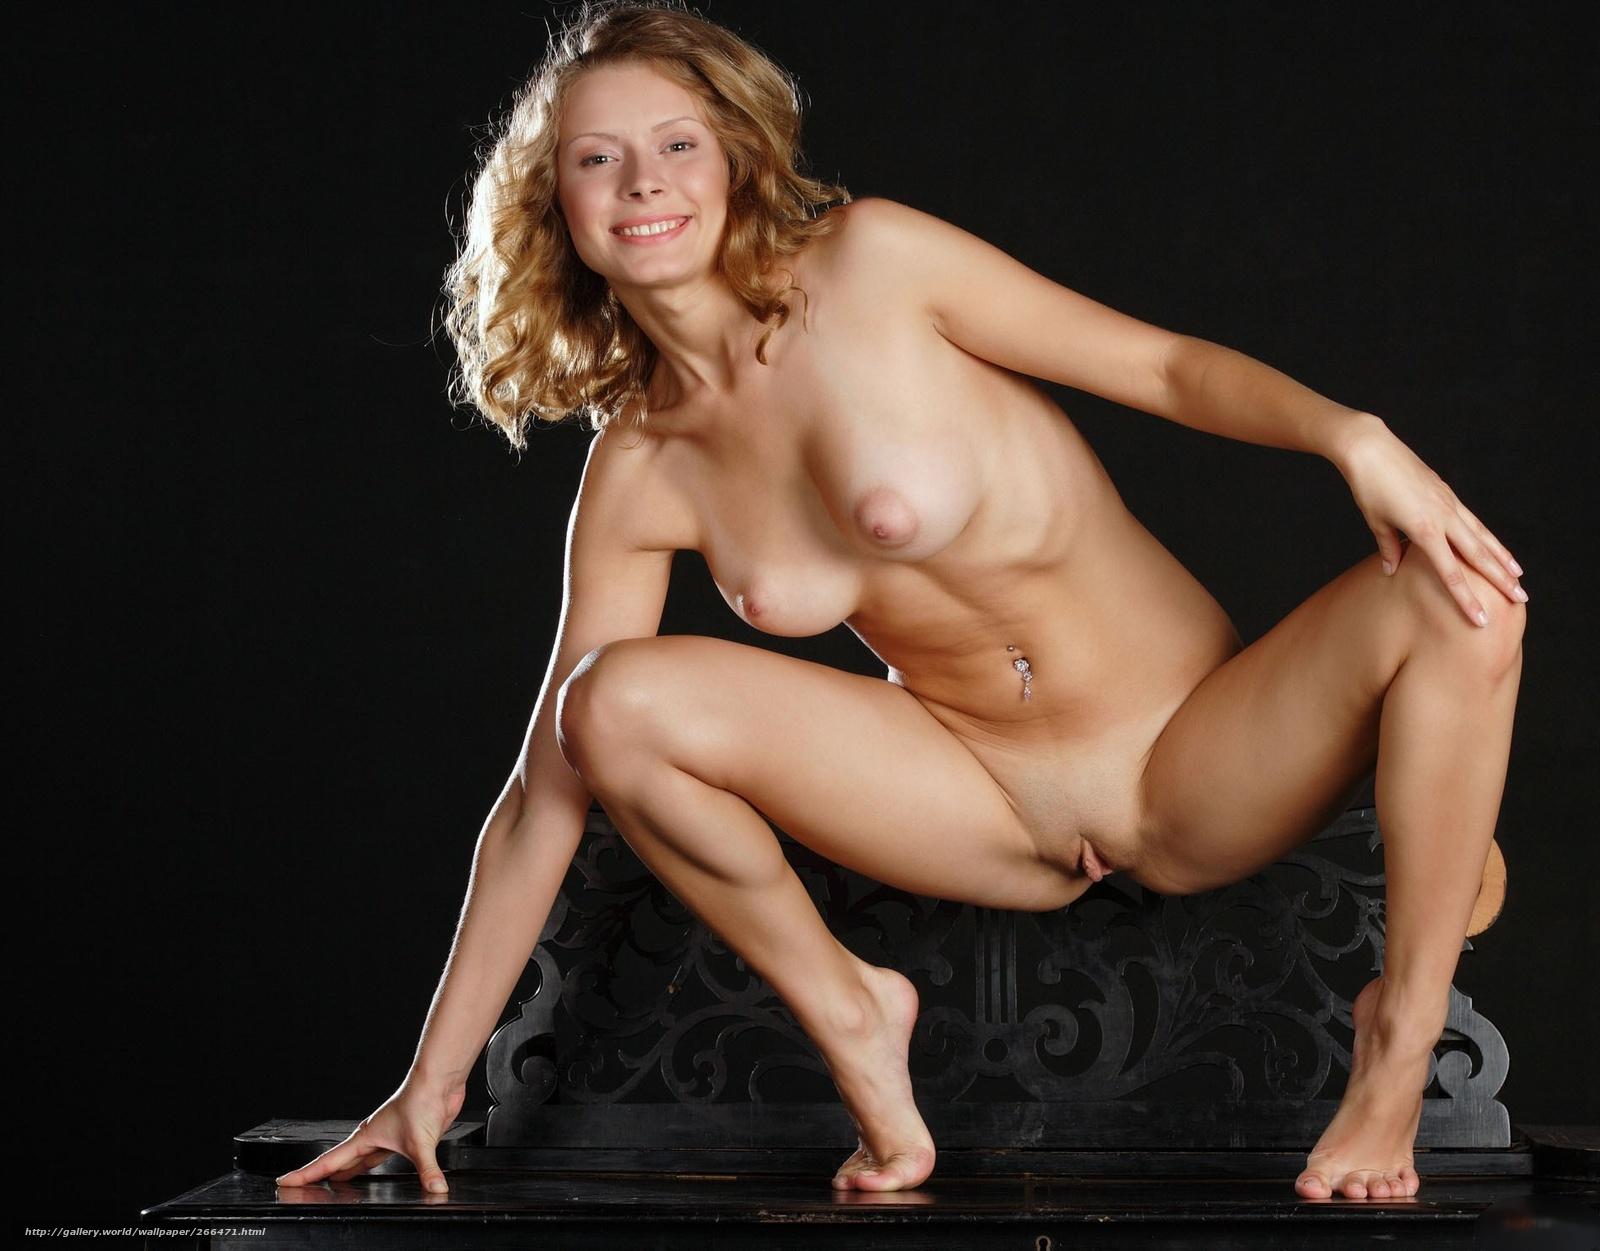 Сексуальная девушка голая 15 фотография